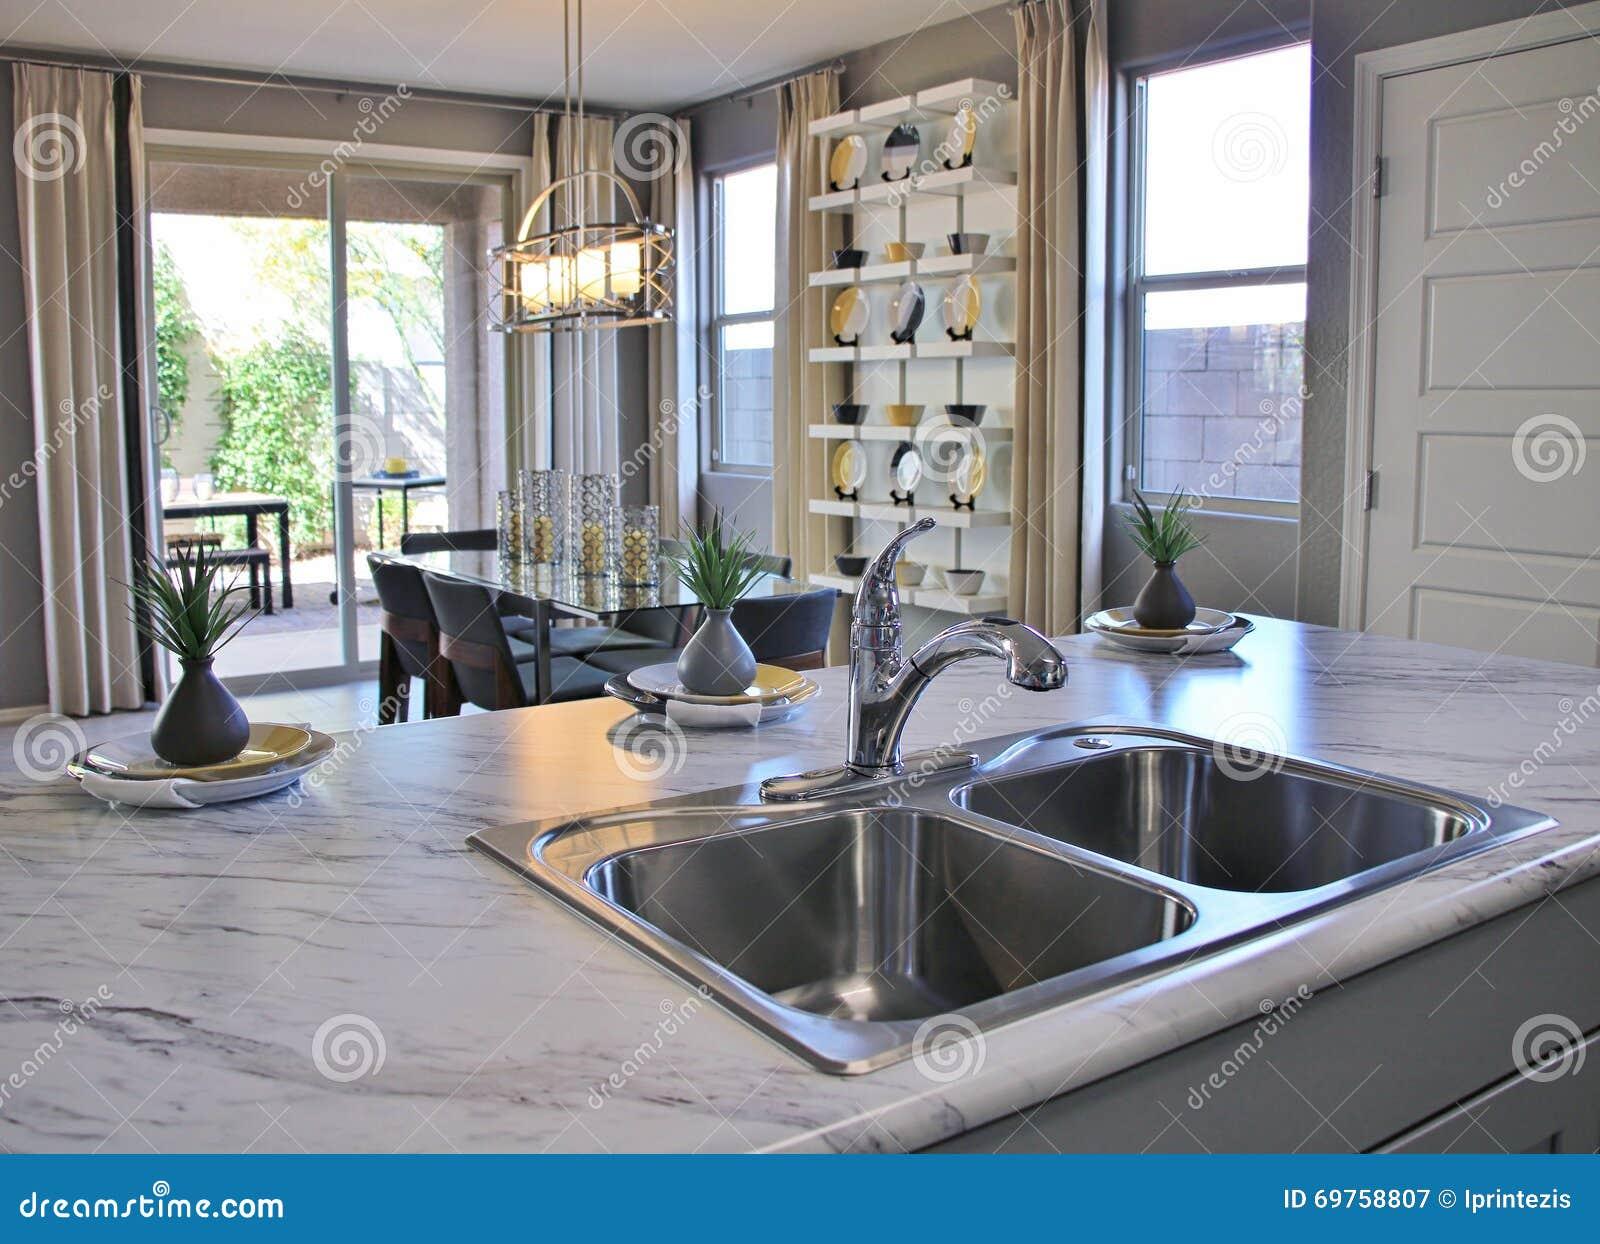 Cocina y comedor modernos foto de archivo imagen 69758807 for Comedor y cocina modernos